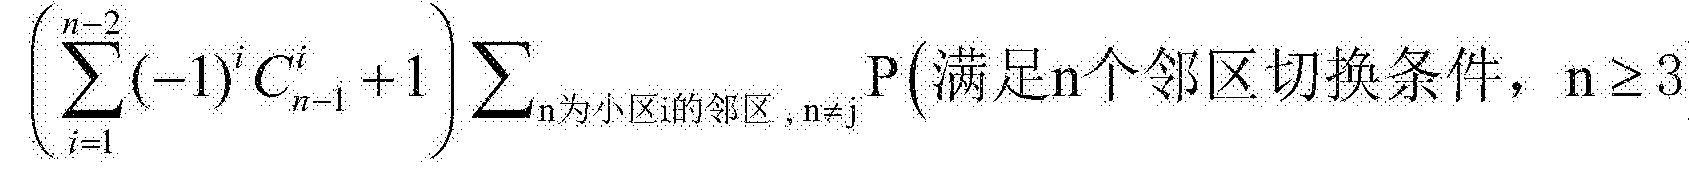 Figure CN104219707BD00163